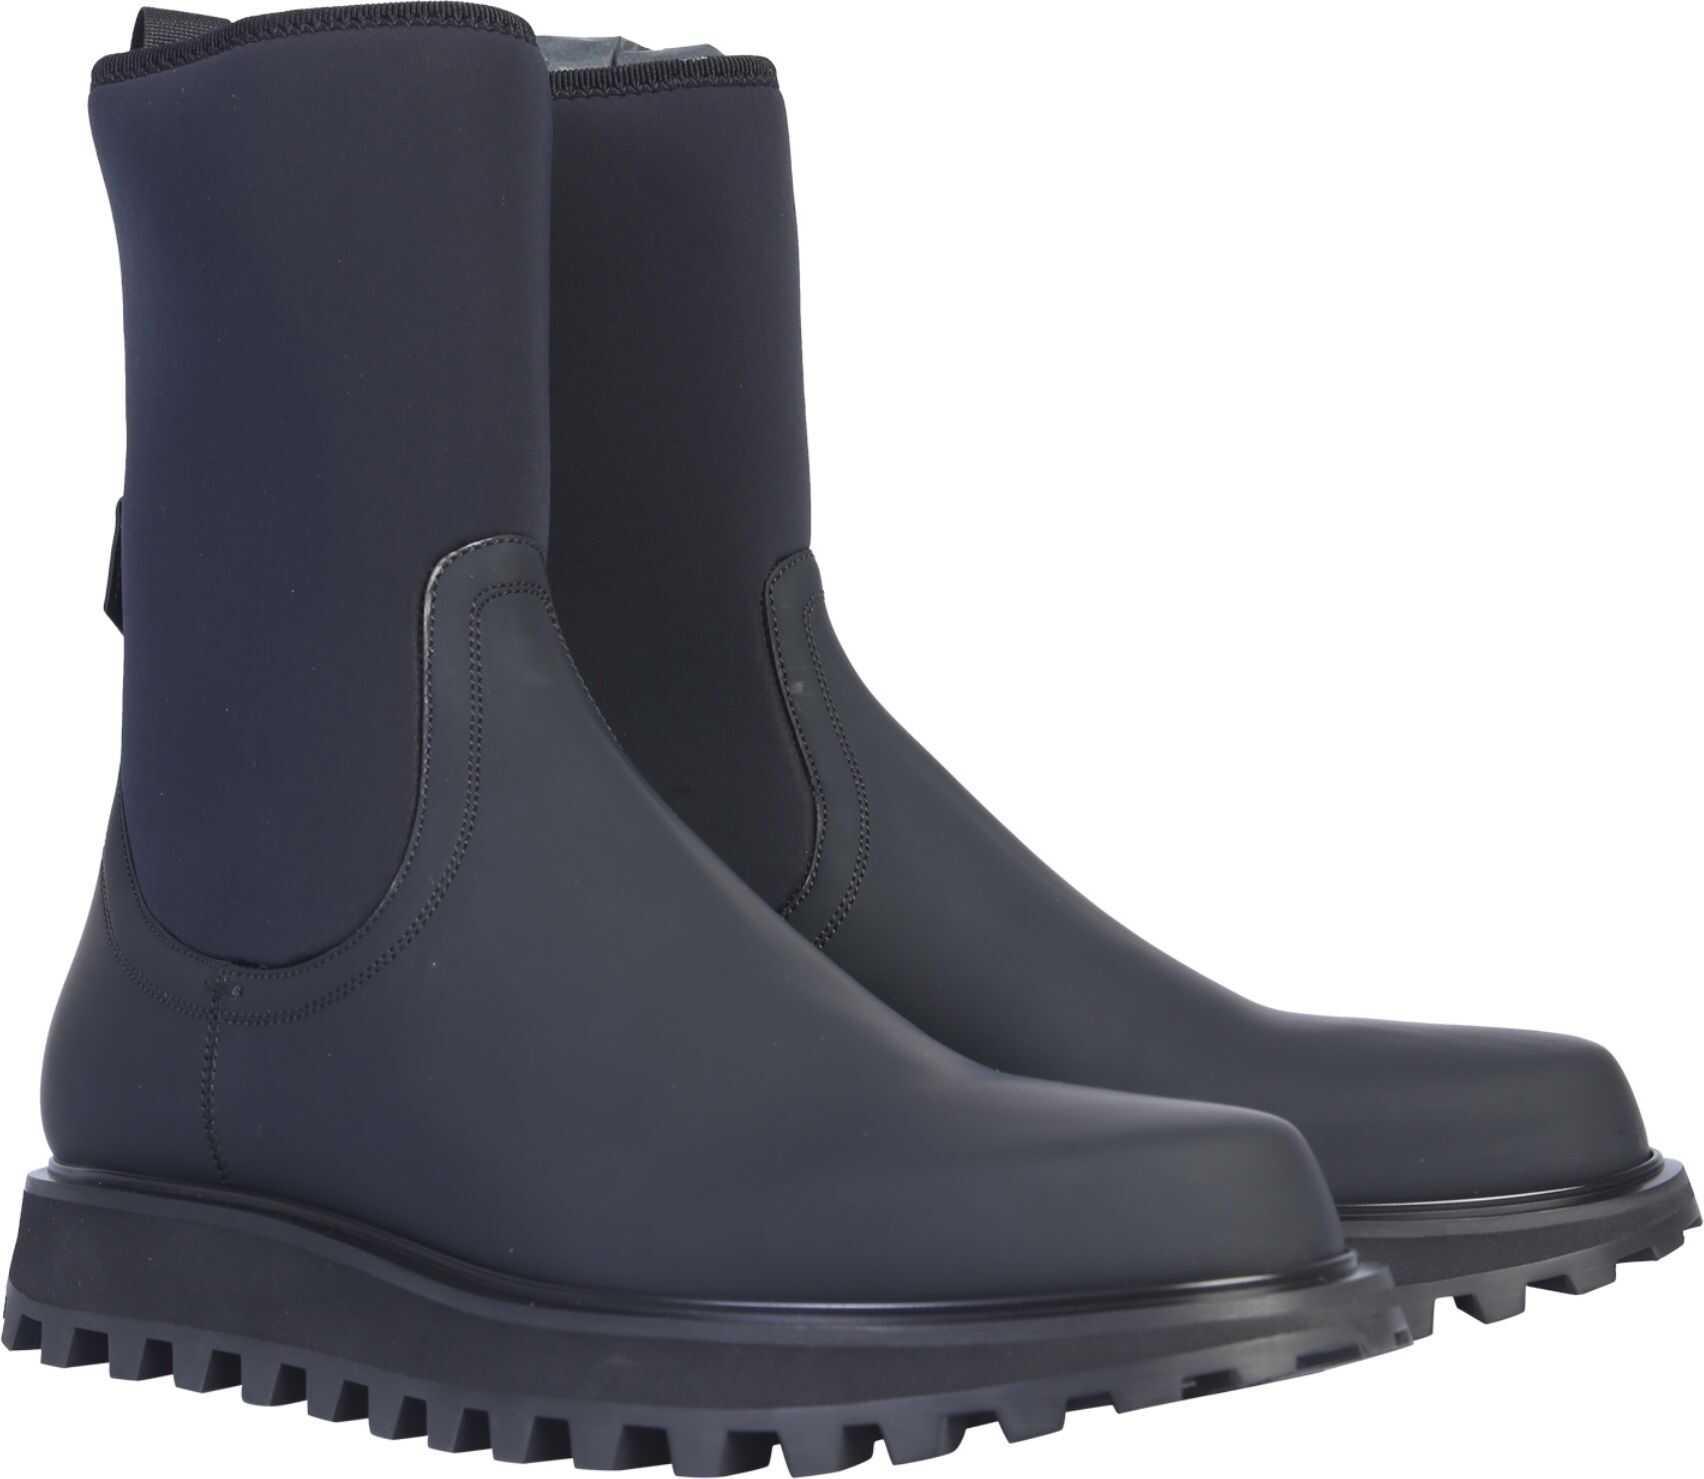 Dolce & Gabbana Vulcanized Boot BLACK